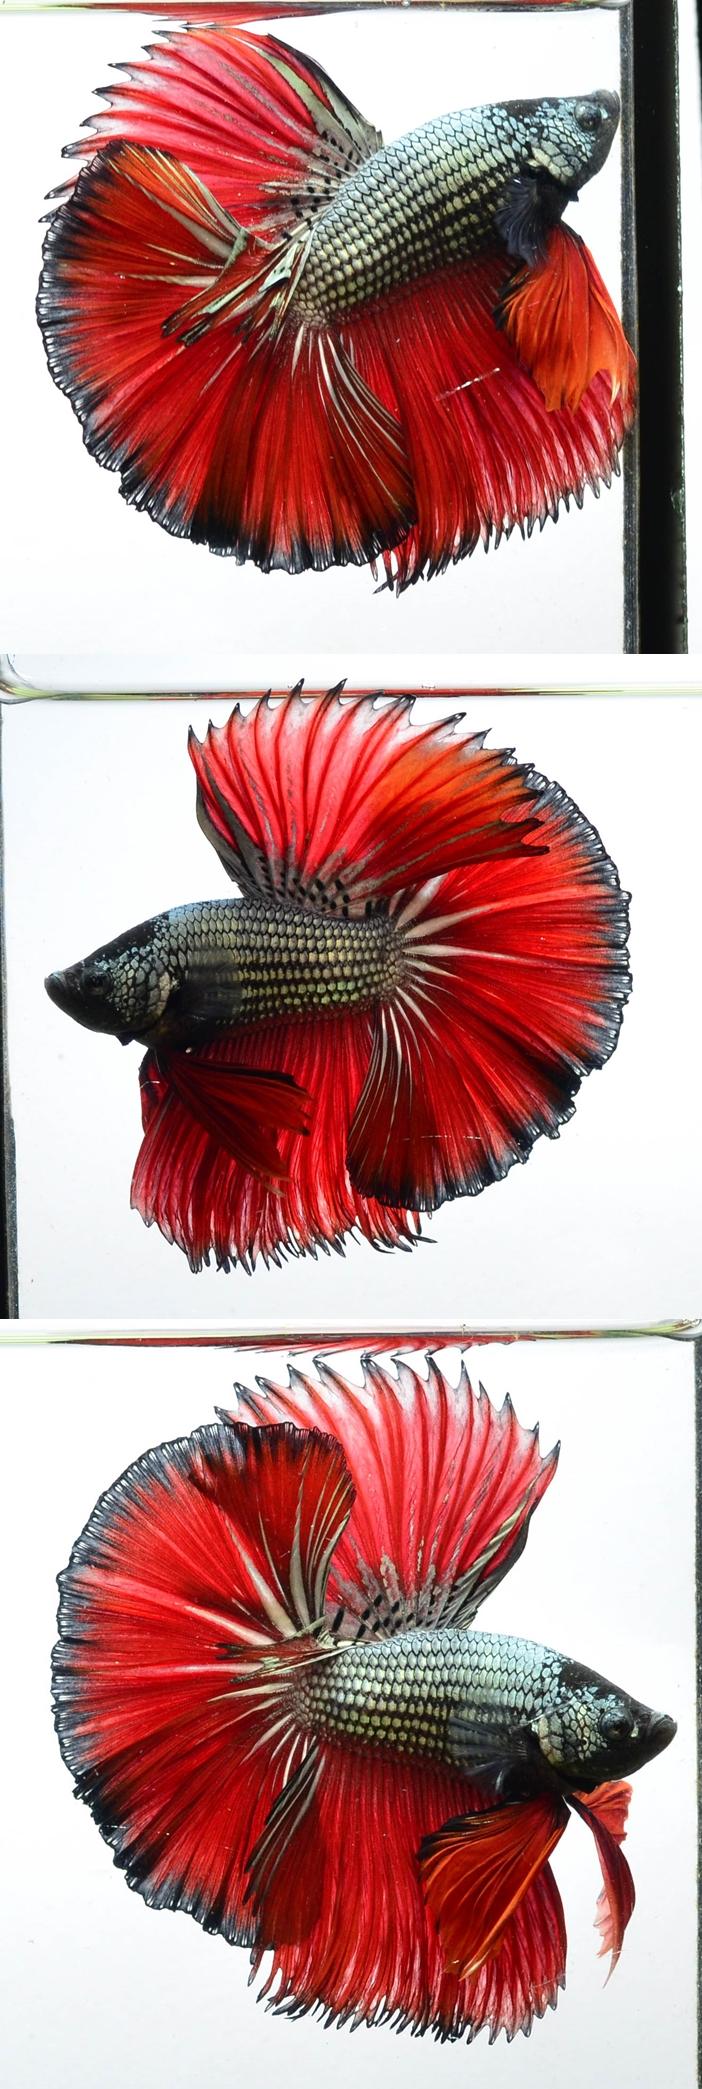 fwbettashm1488620802 - Hm Copper Red Male | Fighting Fish ...